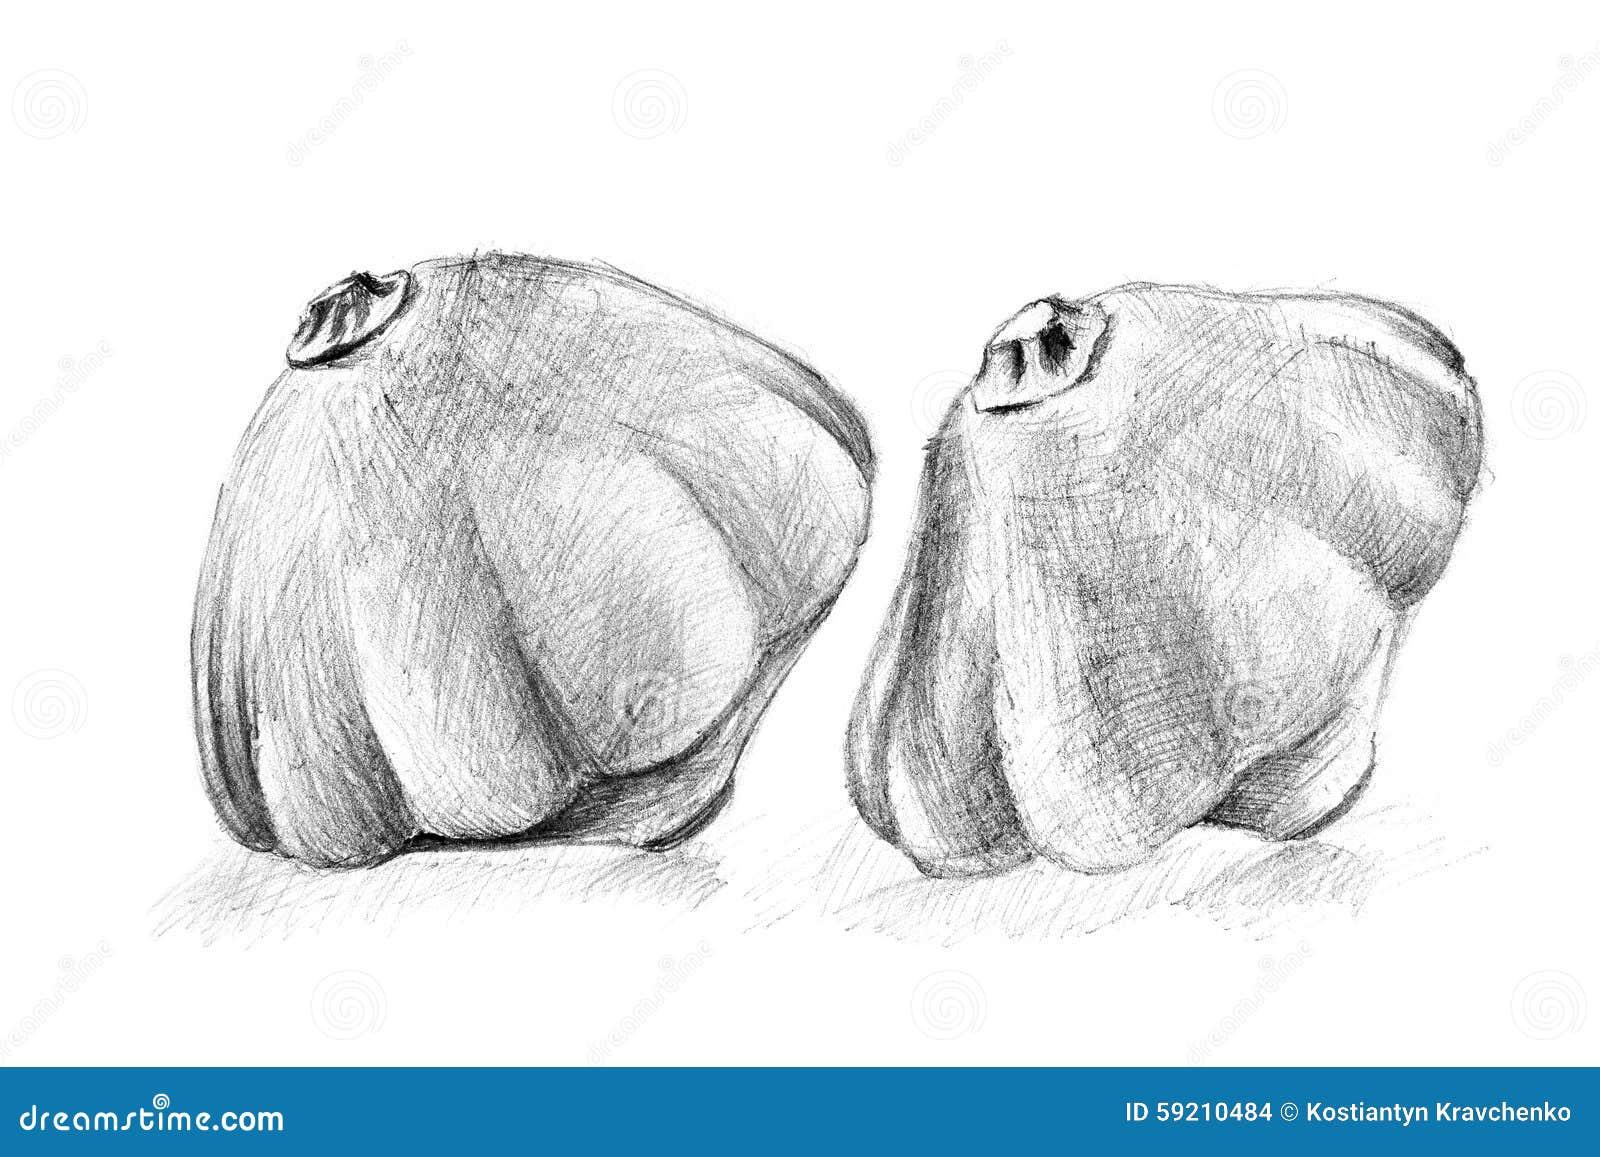 Disegno A Matita Originale Dalla Zucca Del Cespuglio Illustrazione